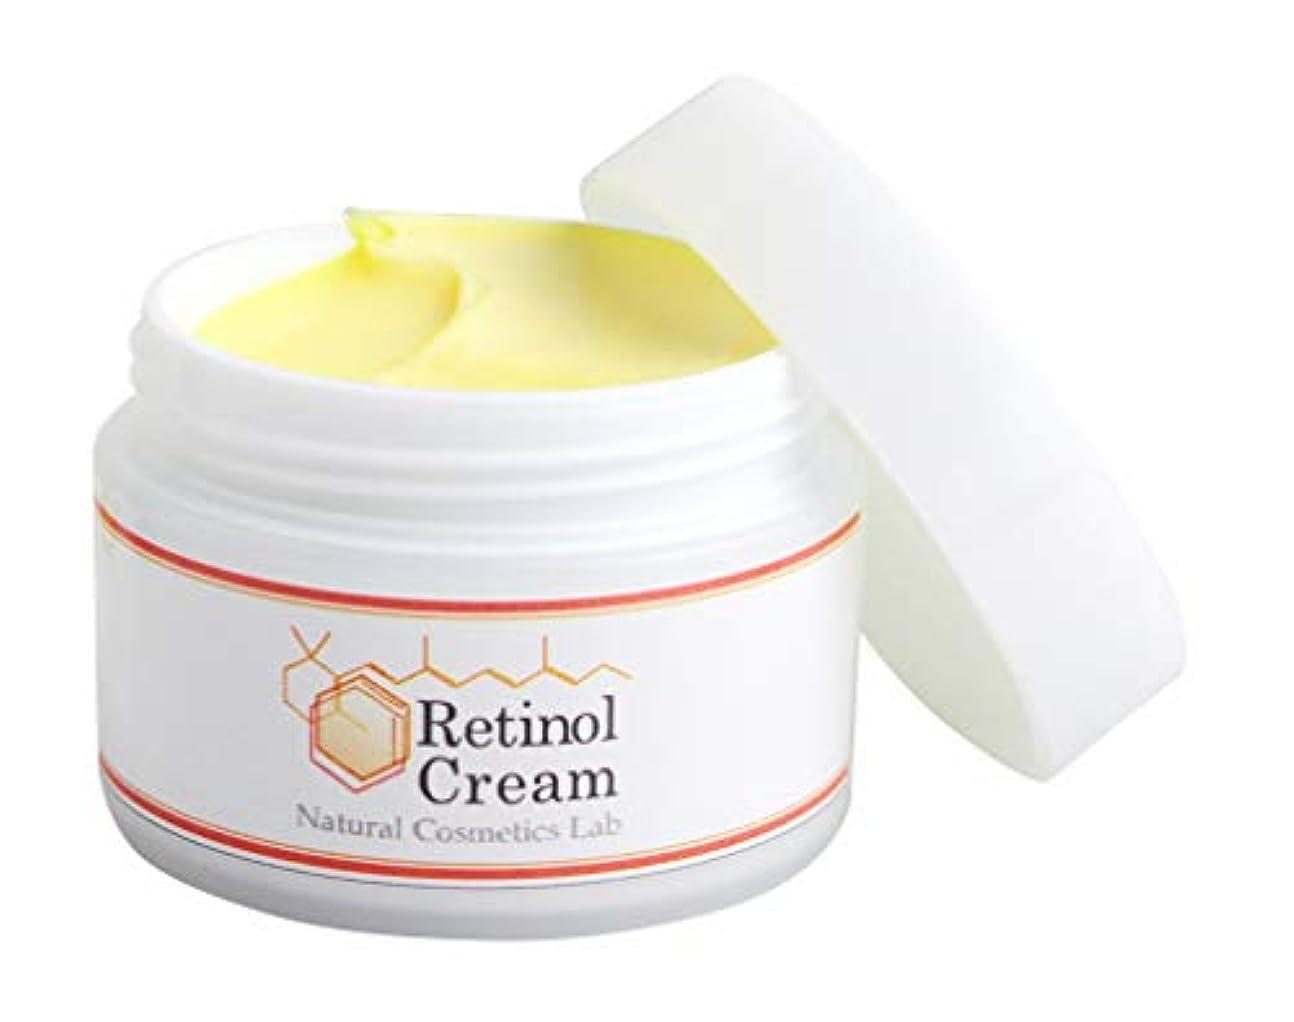 地下室水っぽい絶妙自然化粧品研究所 レチノールクリーム 35g